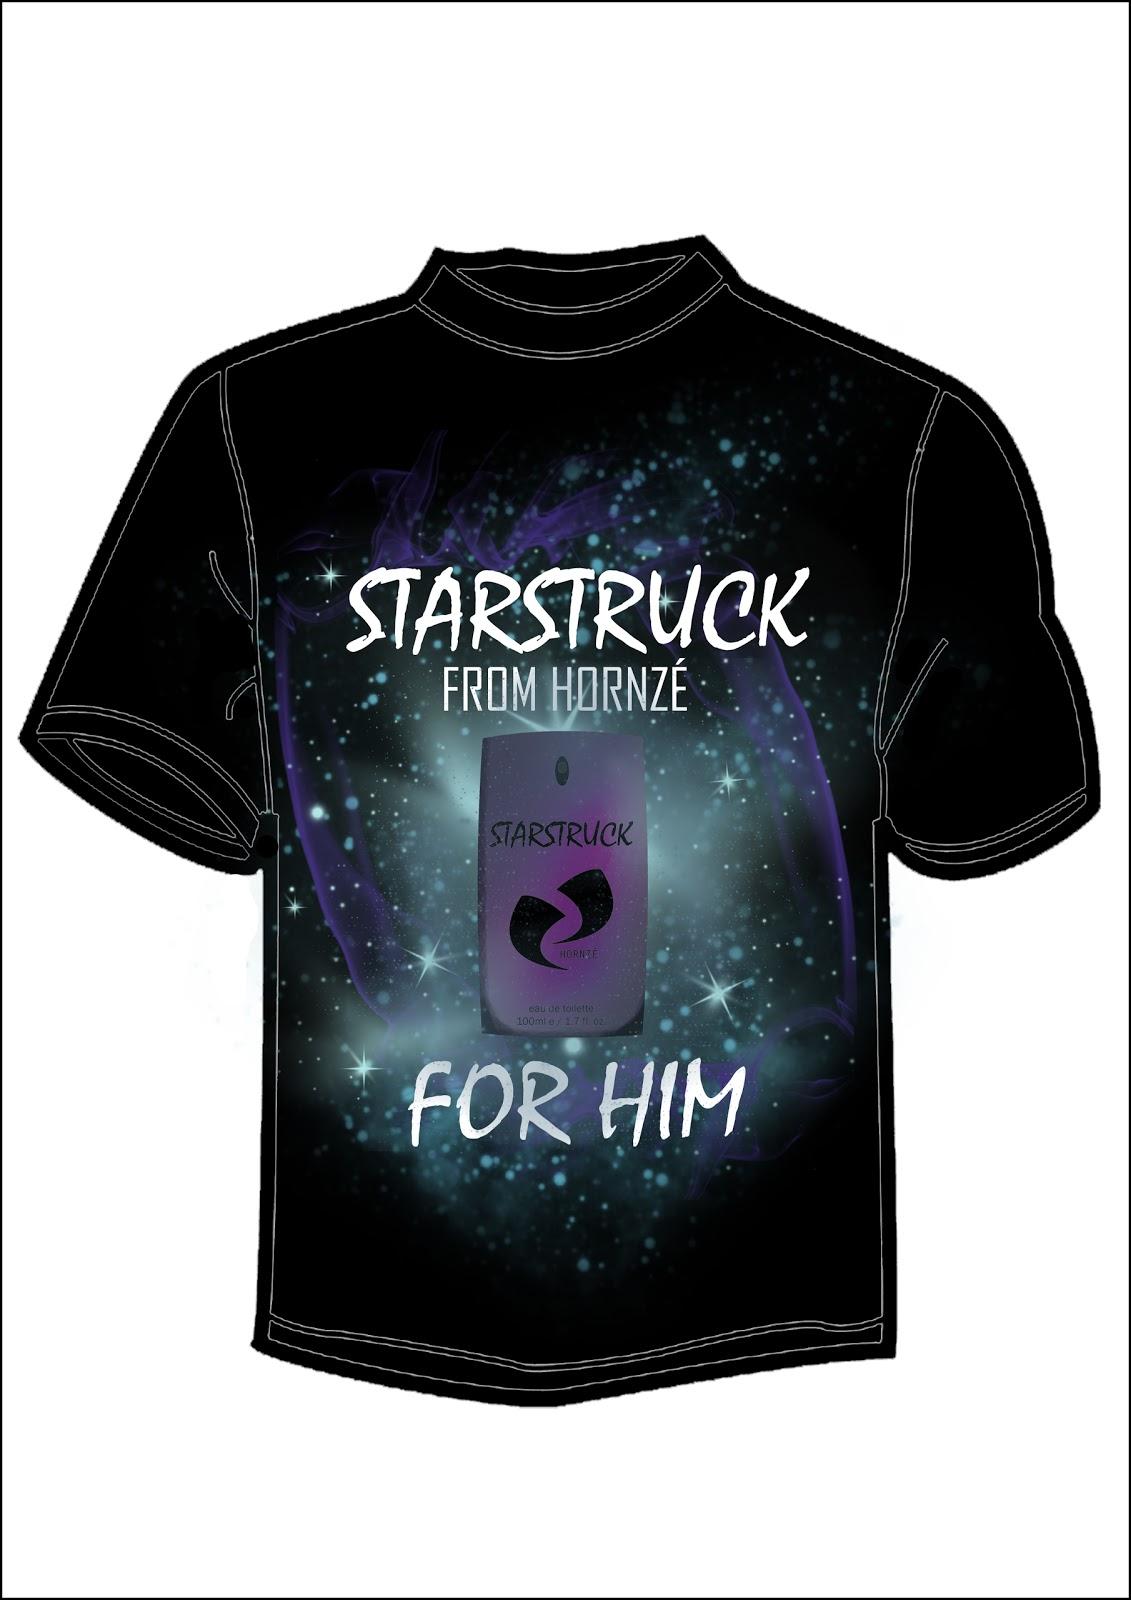 1070674500 promotional t shirt design fragrance for Promotional t shirt design